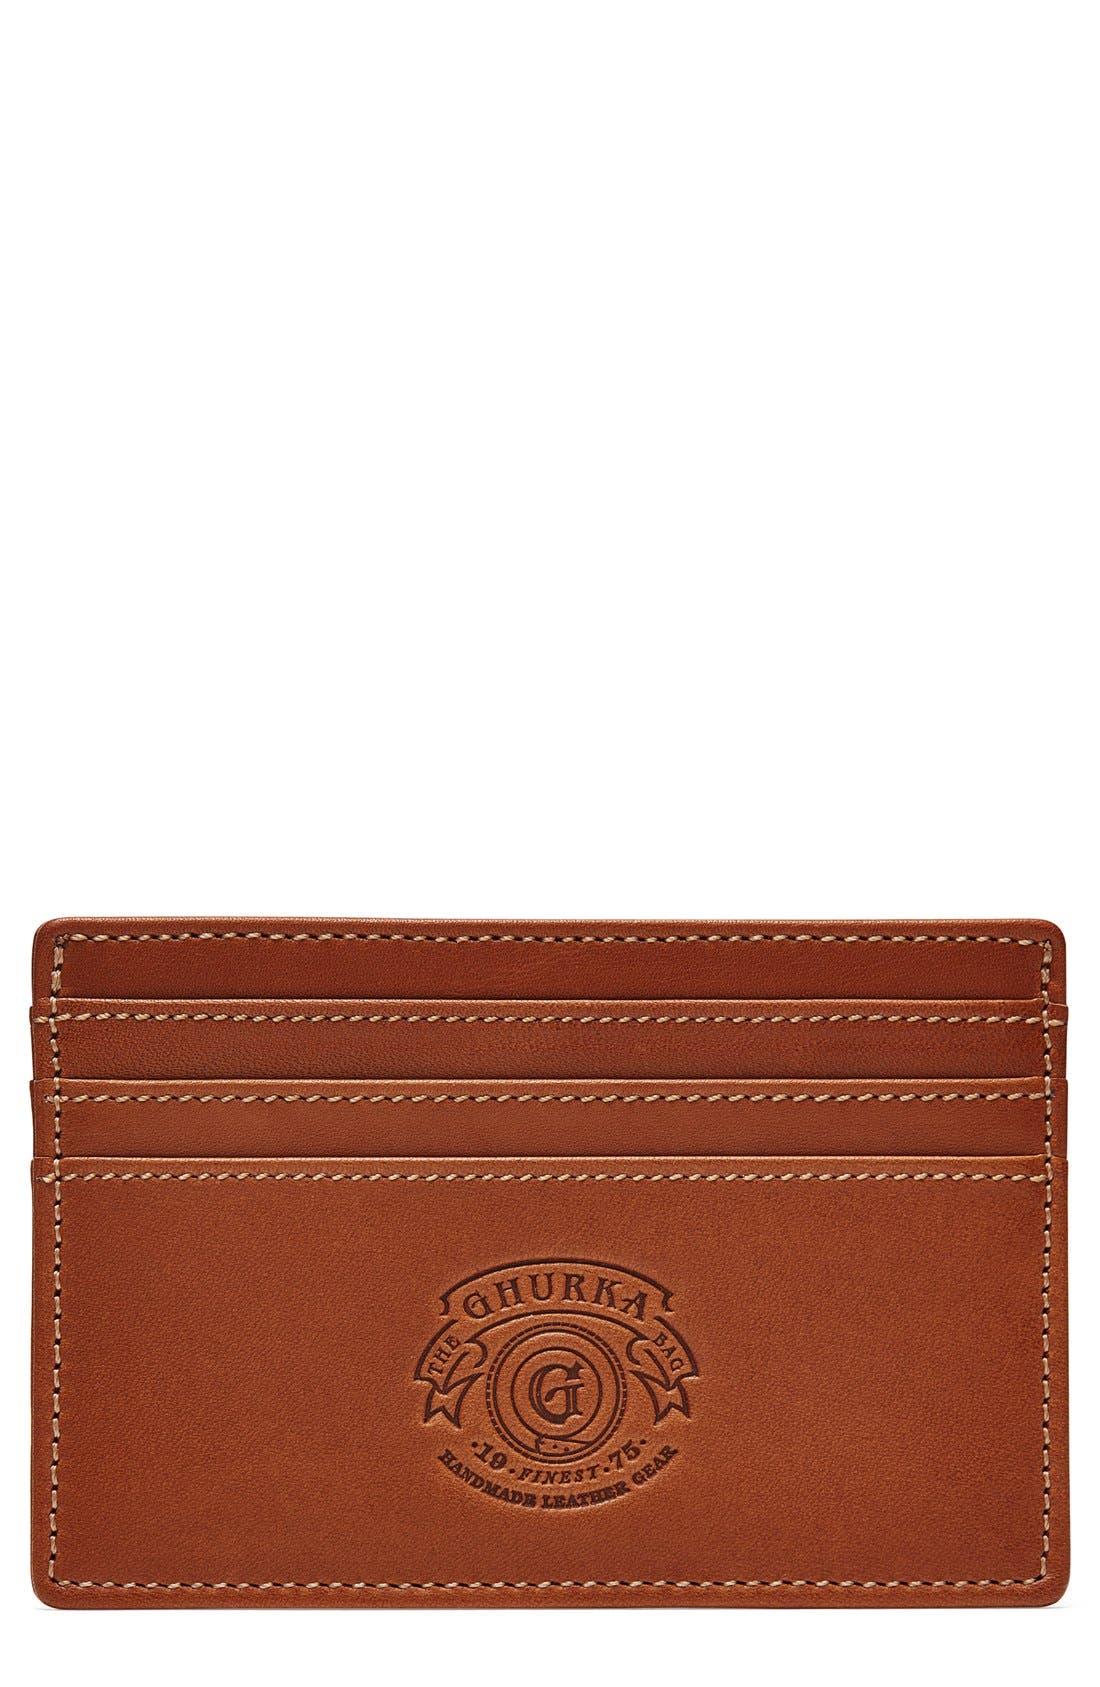 Ghurka Leather Card Case